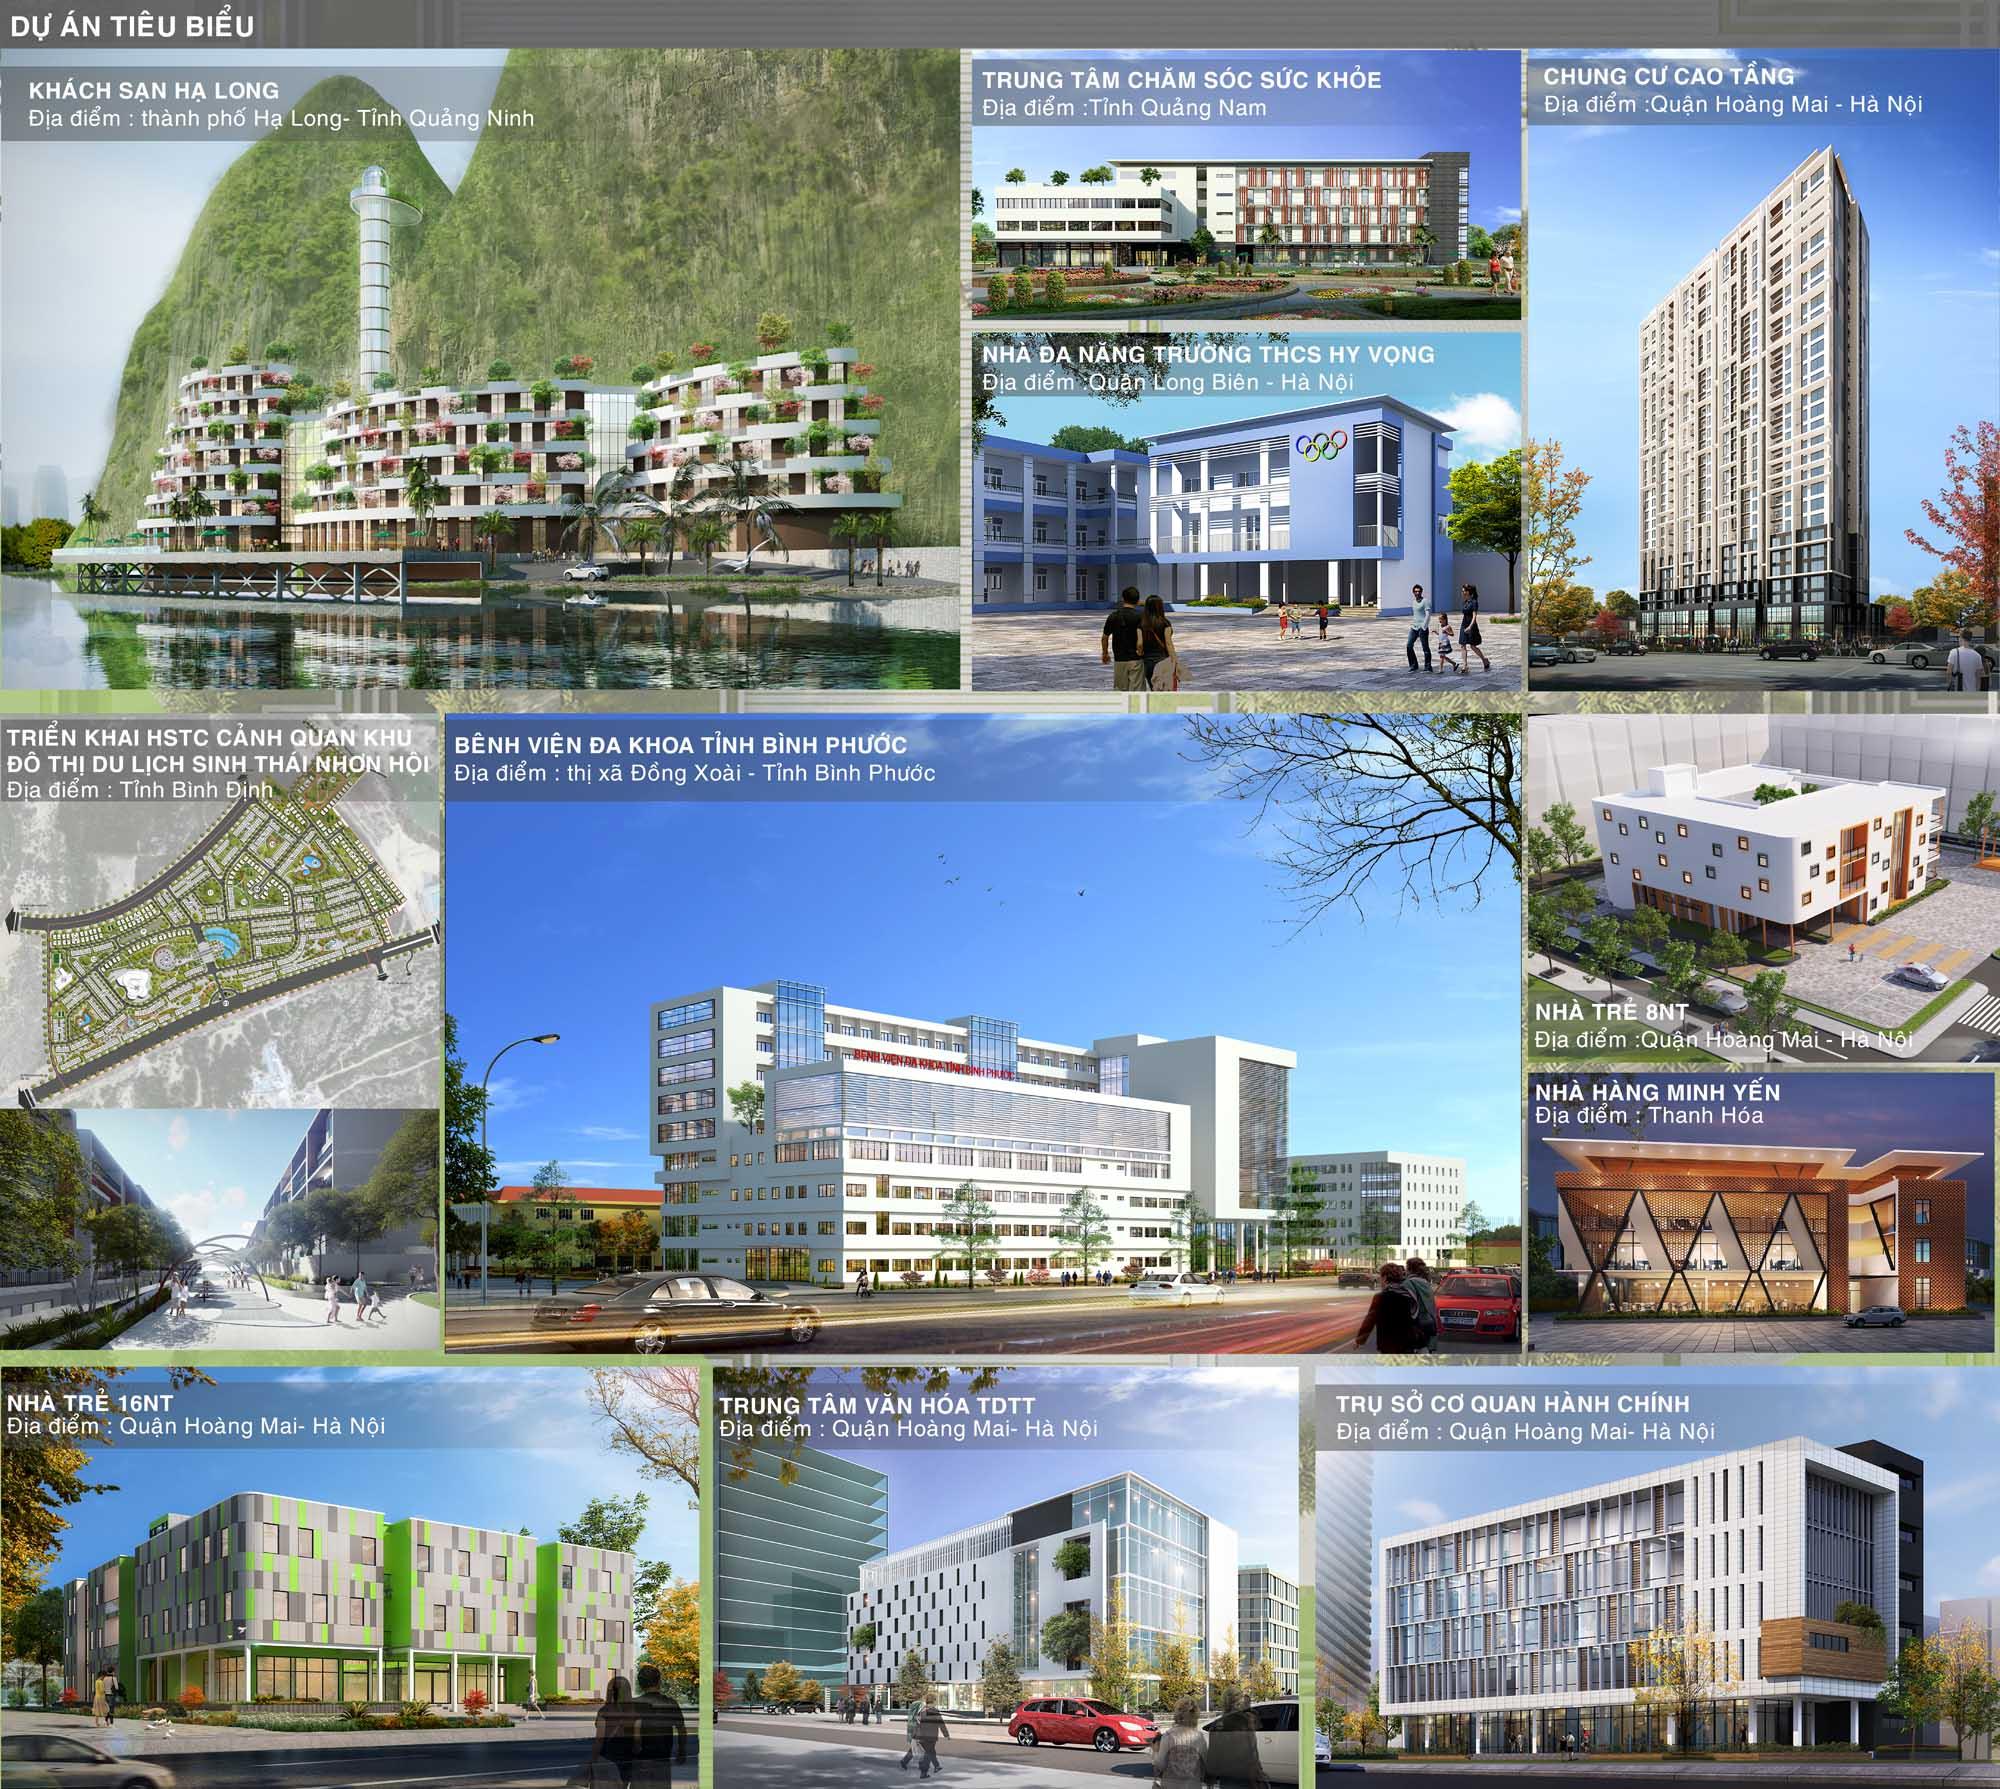 Dự án tiêu biểu phòng Kiến trúc và Cảnh quan (KT2)